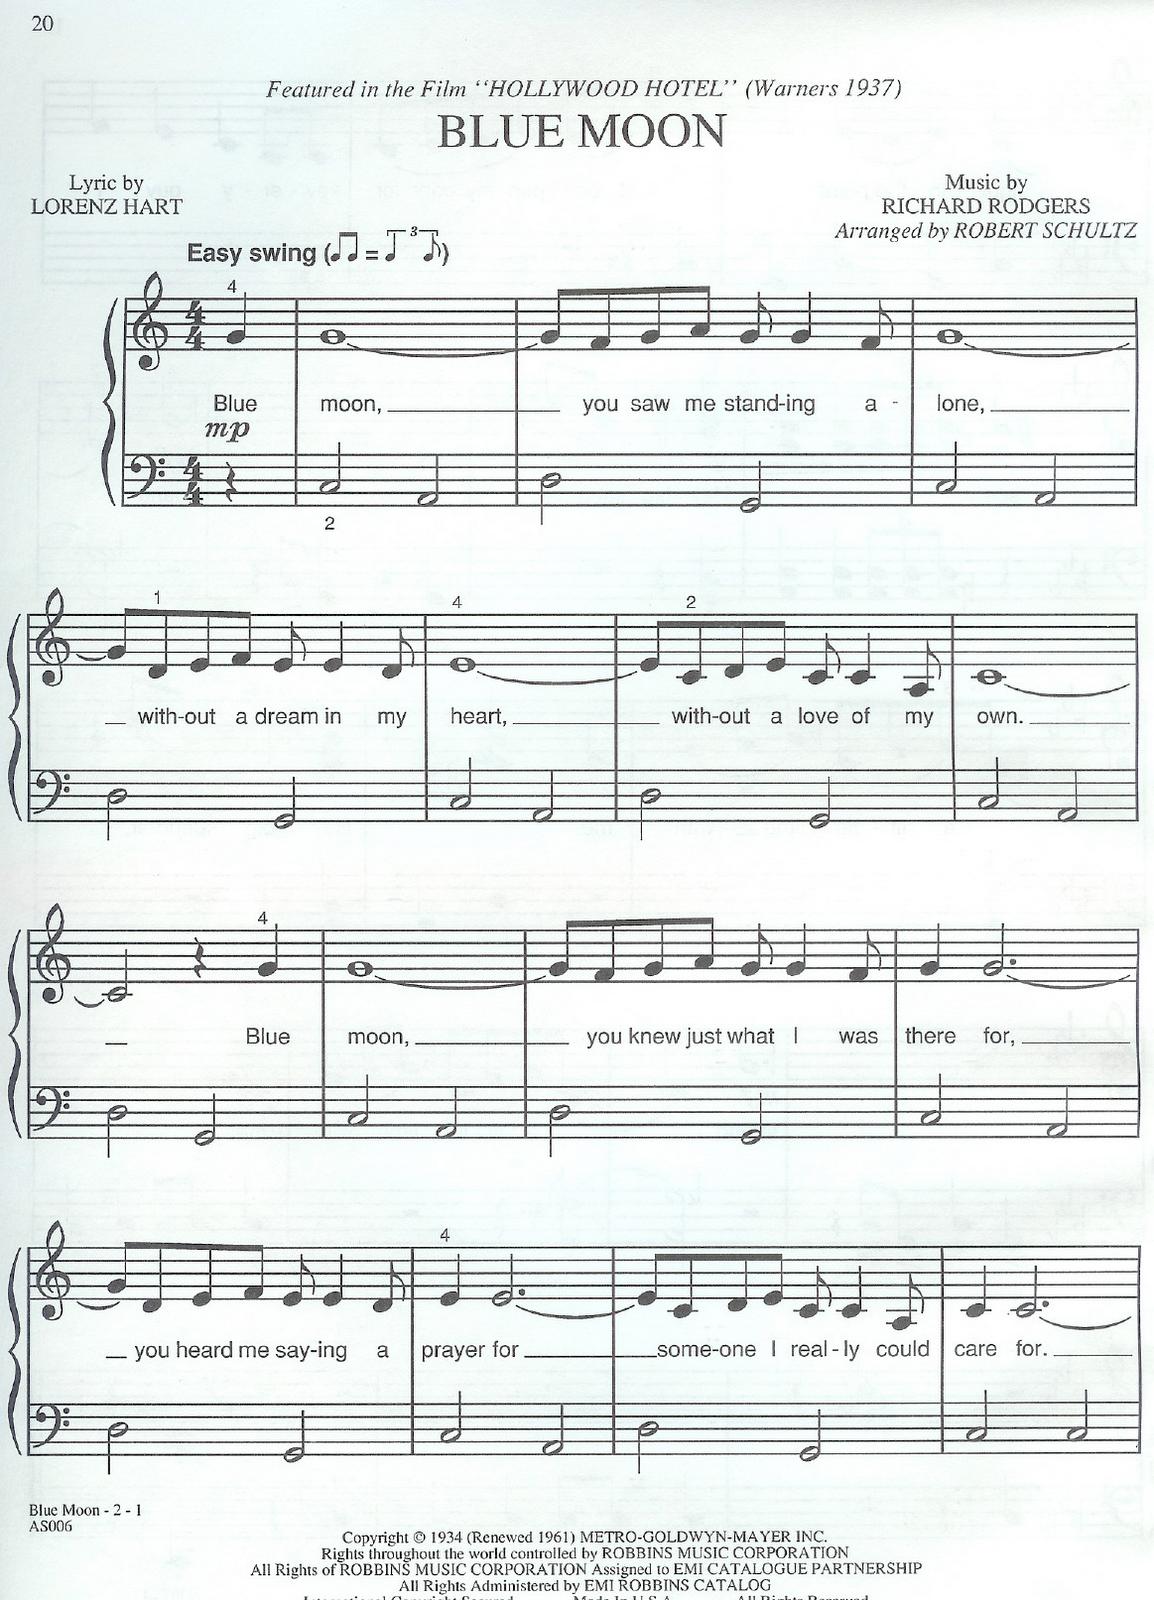 Partituras De Blue Moon Partitura Para Piano Gratis Del Tema Hollywood Hotel Si Necesitas Alguna Solo Pedila Que Pianoclasses